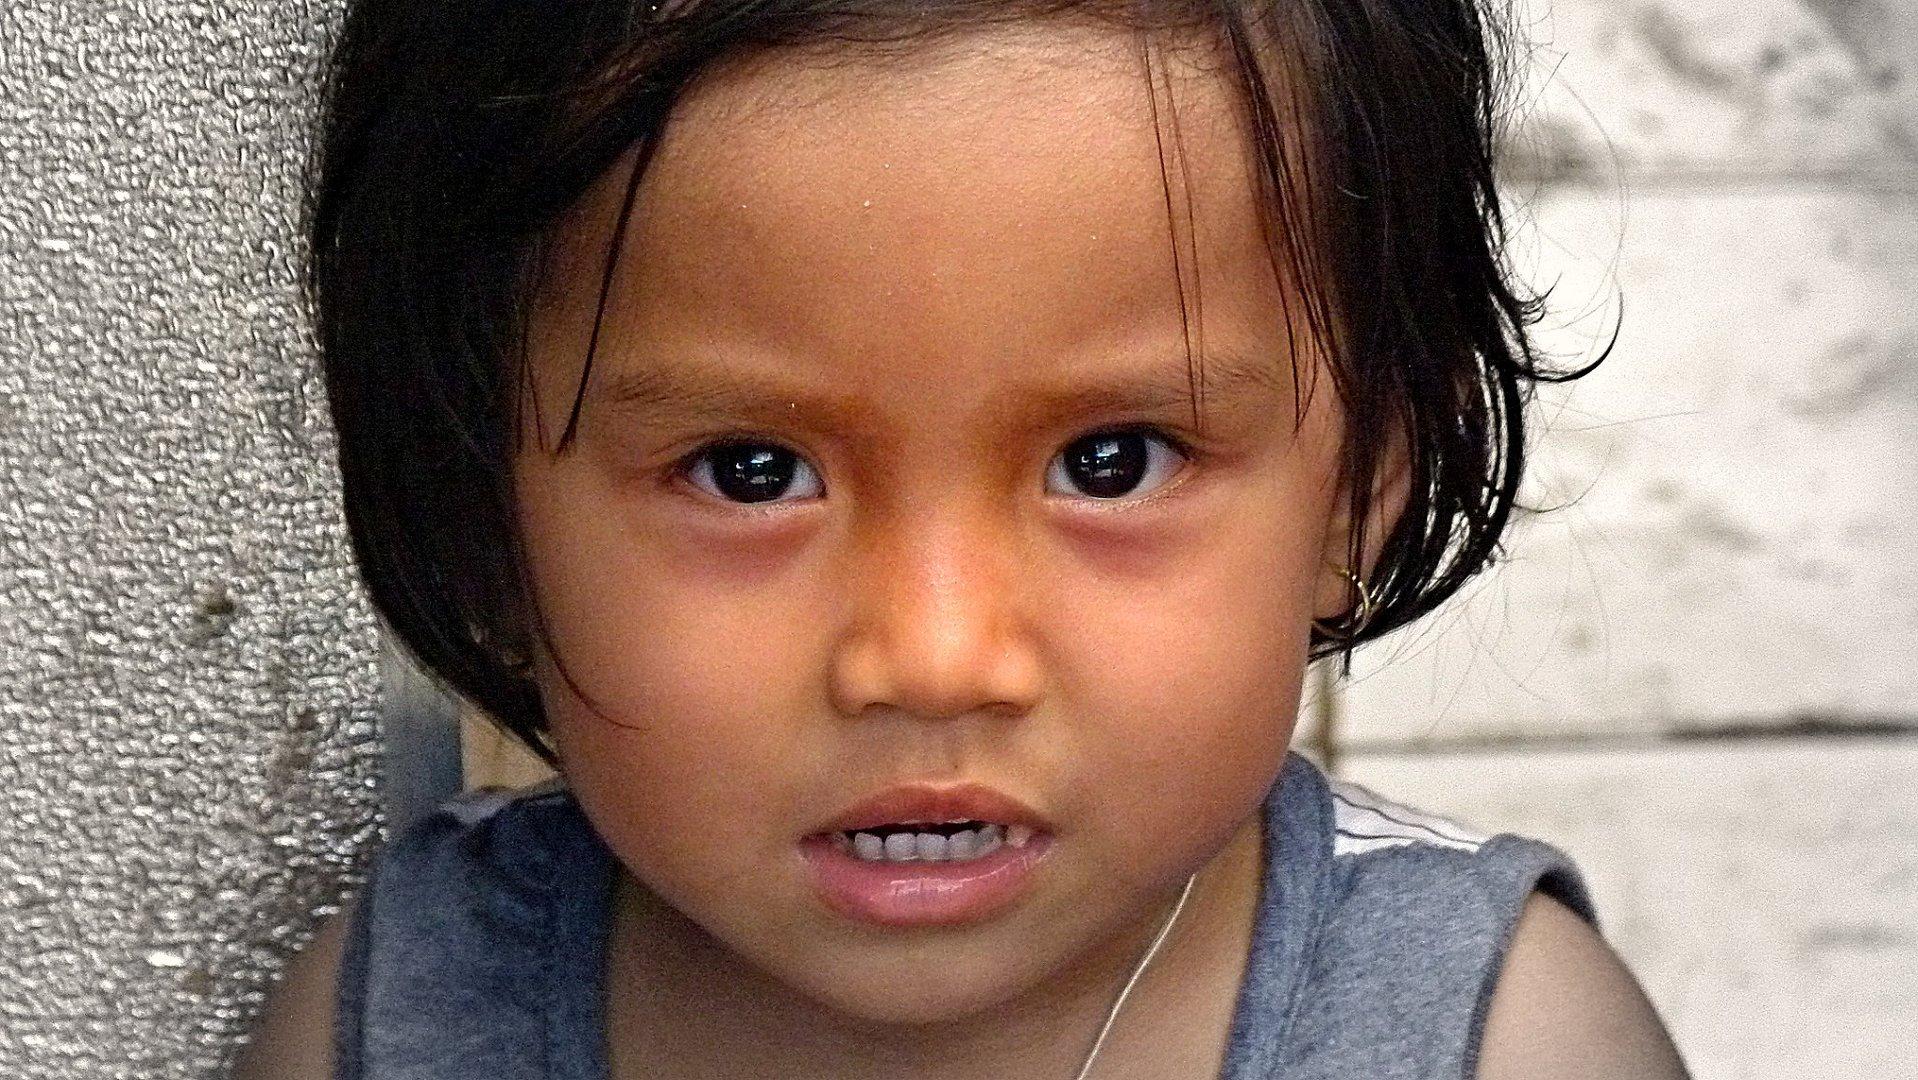 Kinder in Asien